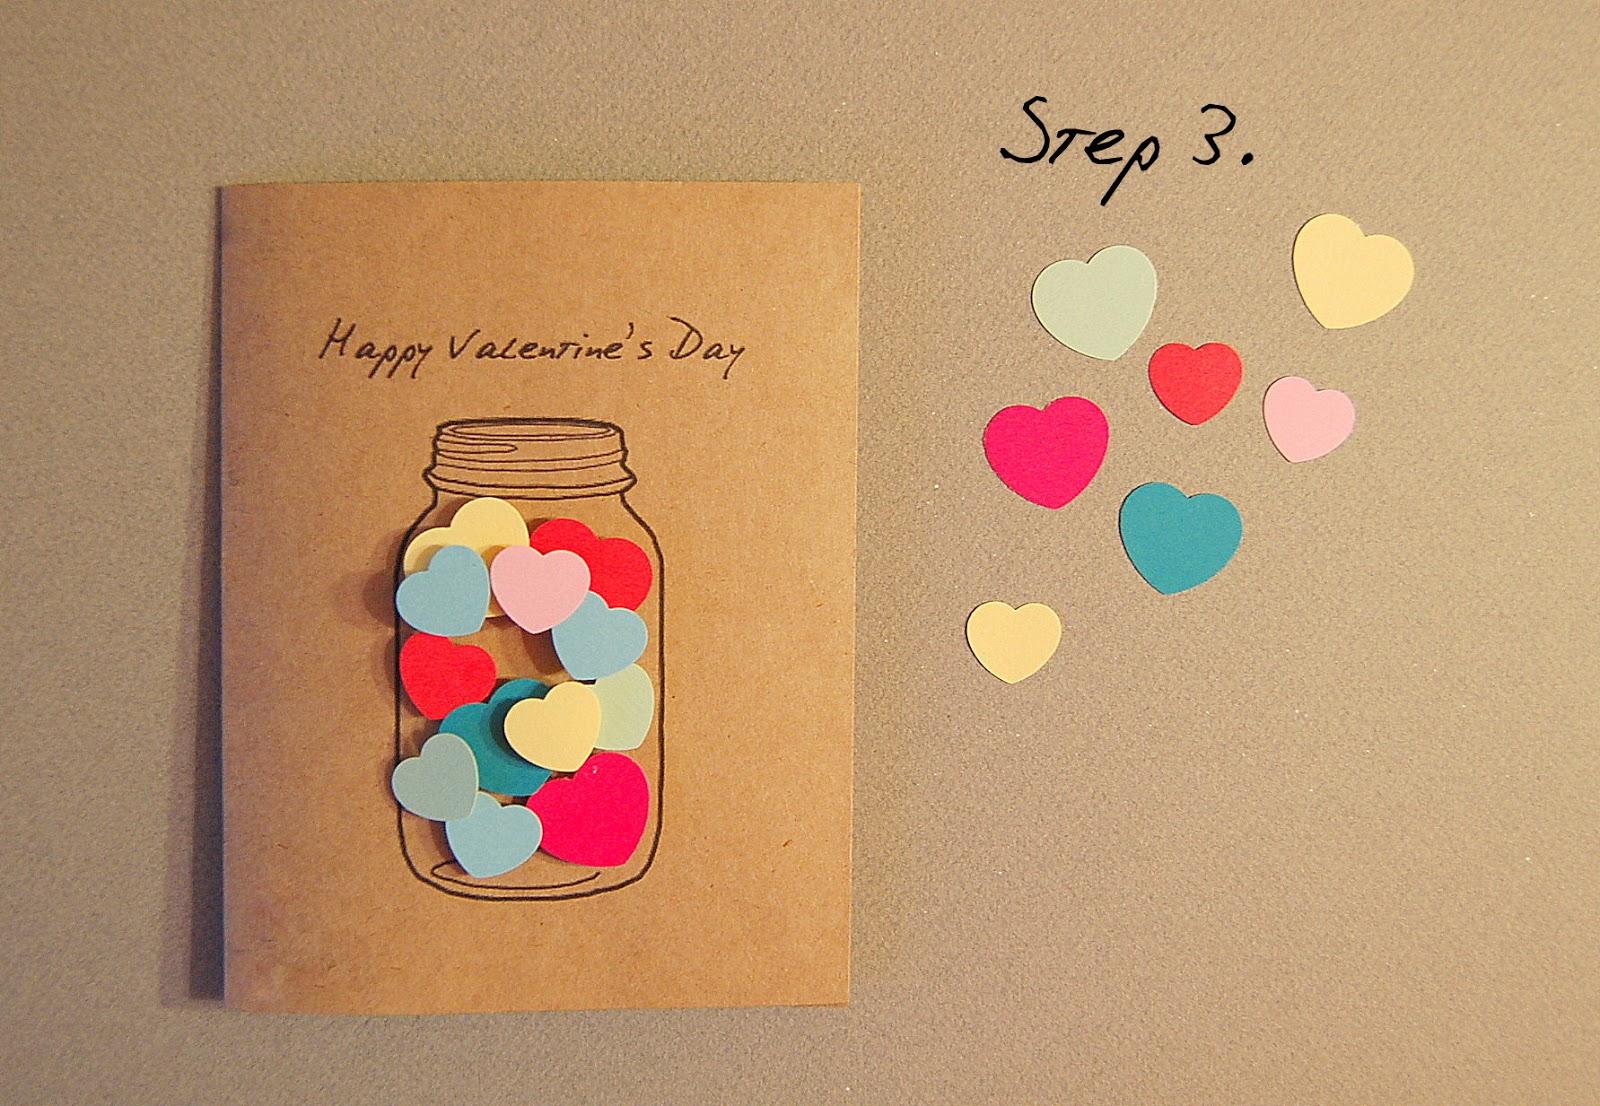 Оригинальные открытки своими руками с днем рождения фото